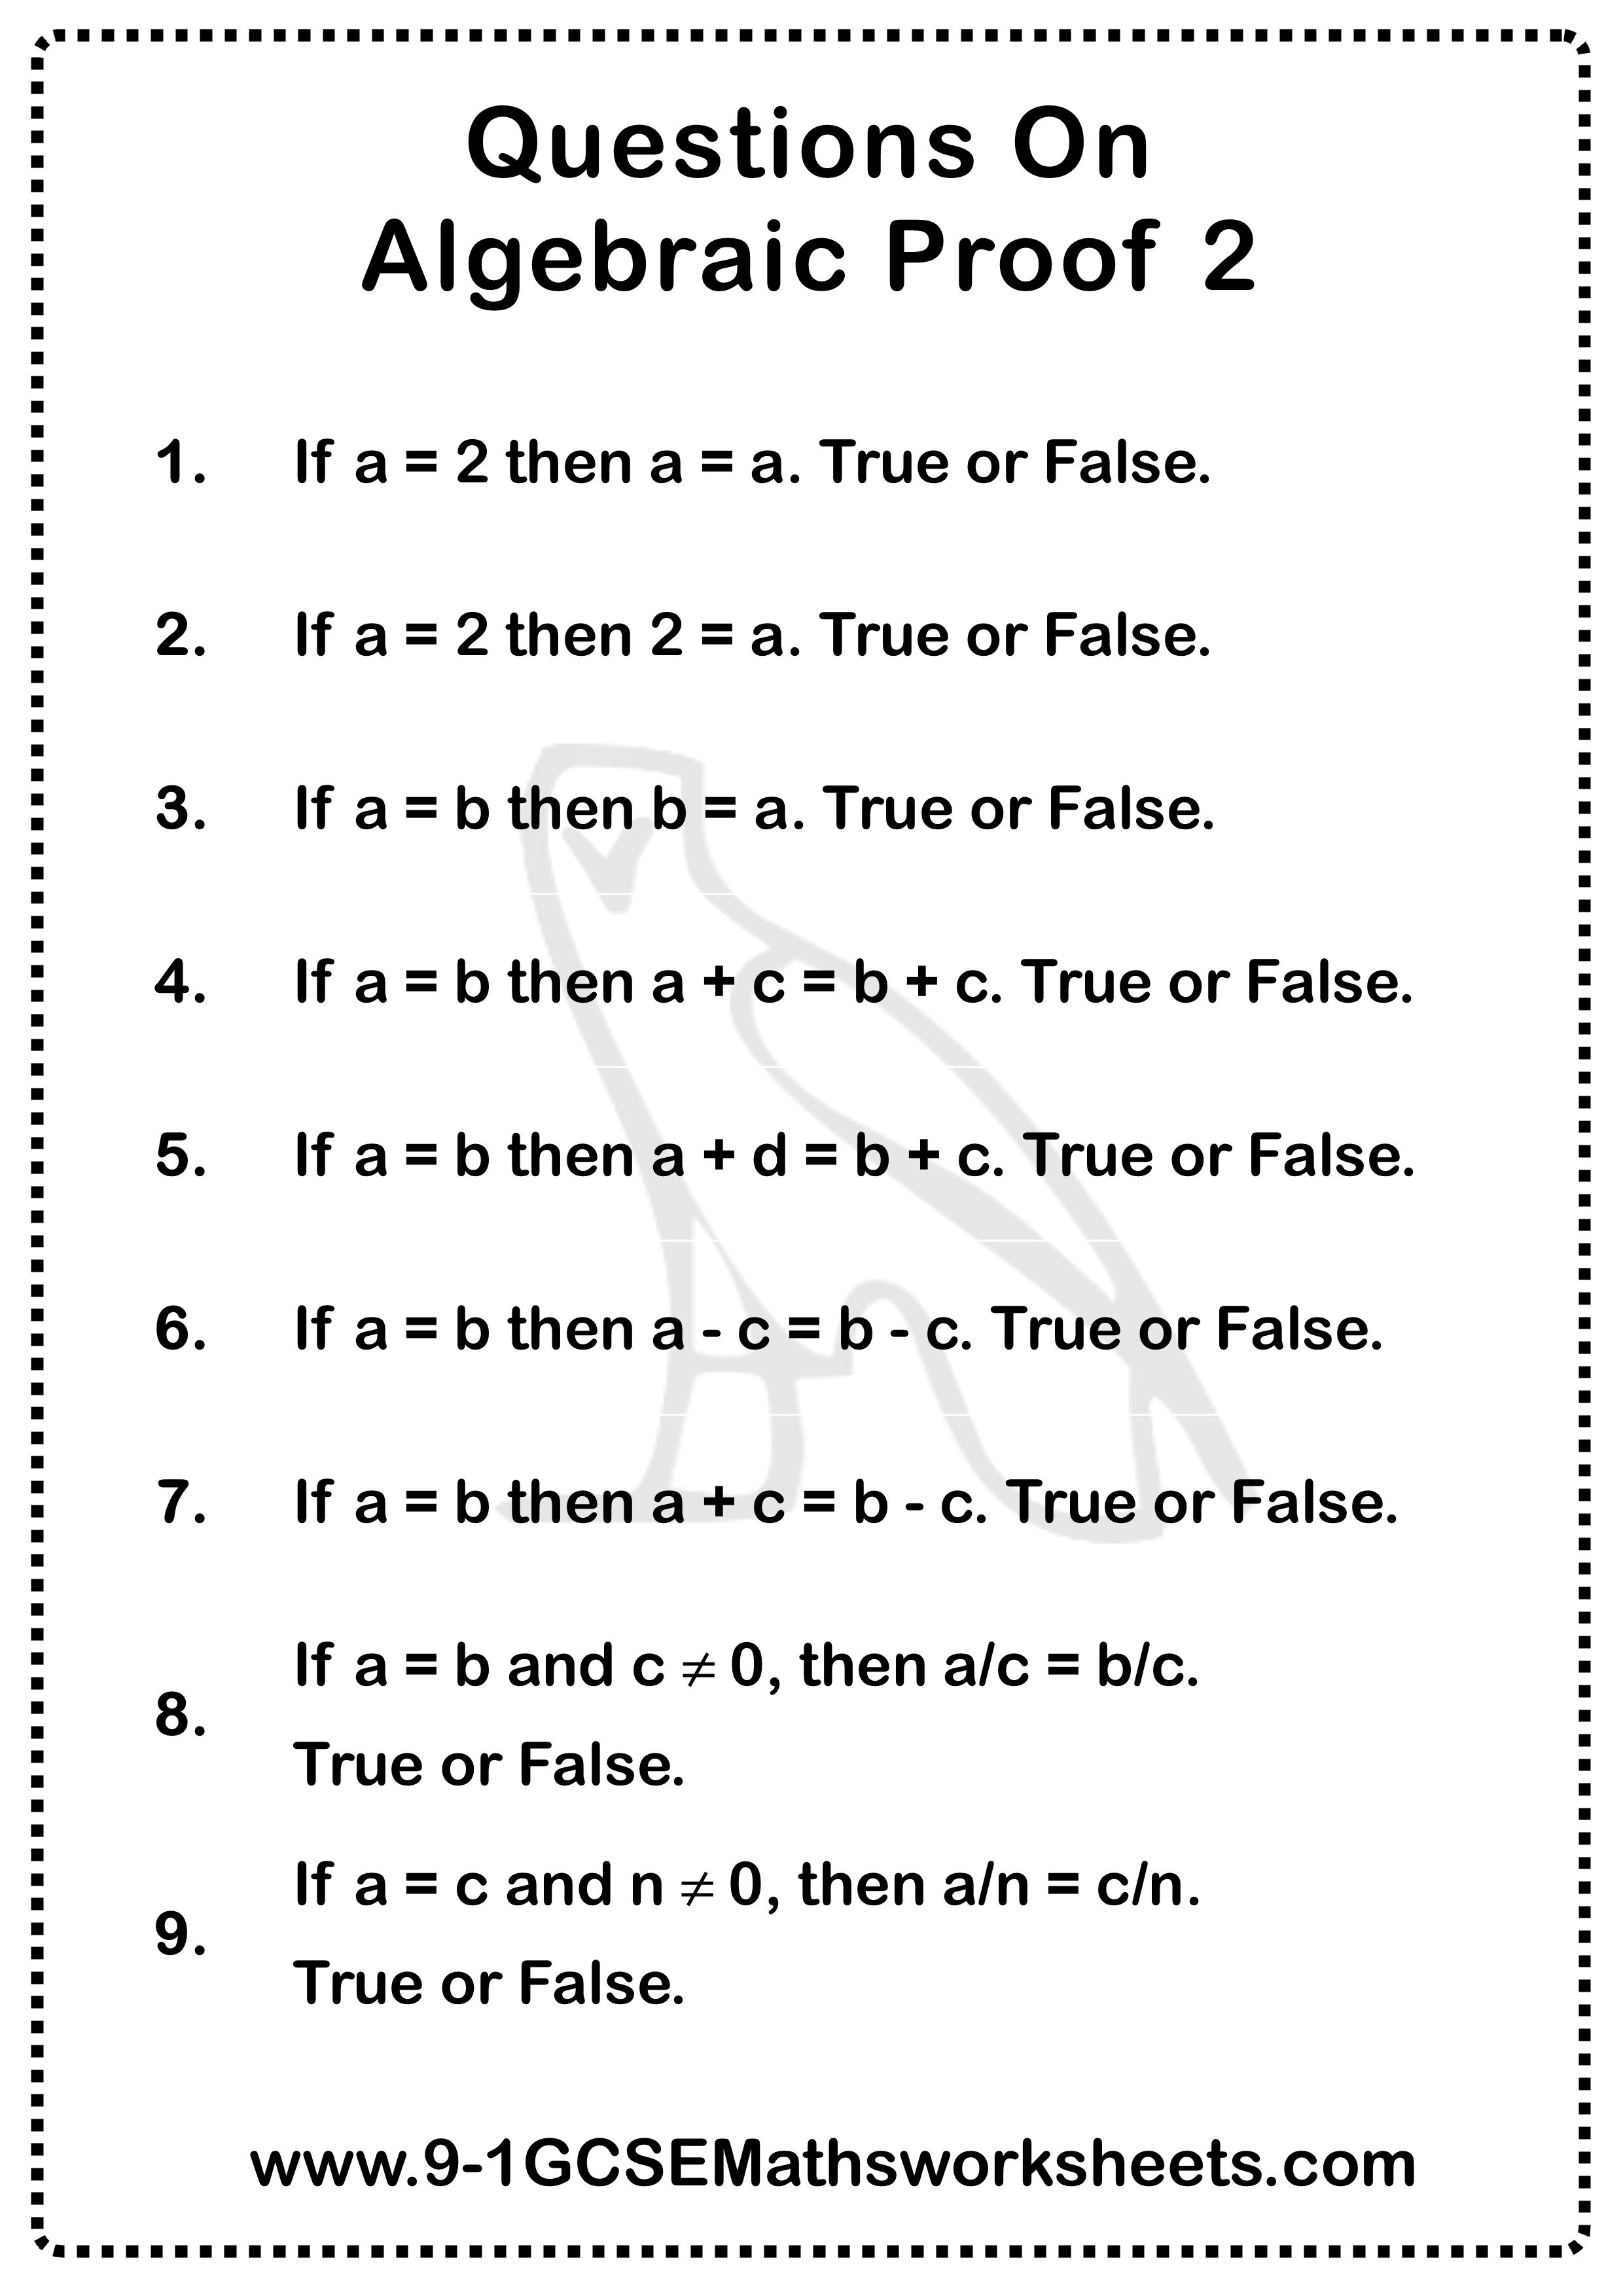 Algebraic Proof Worksheet 2